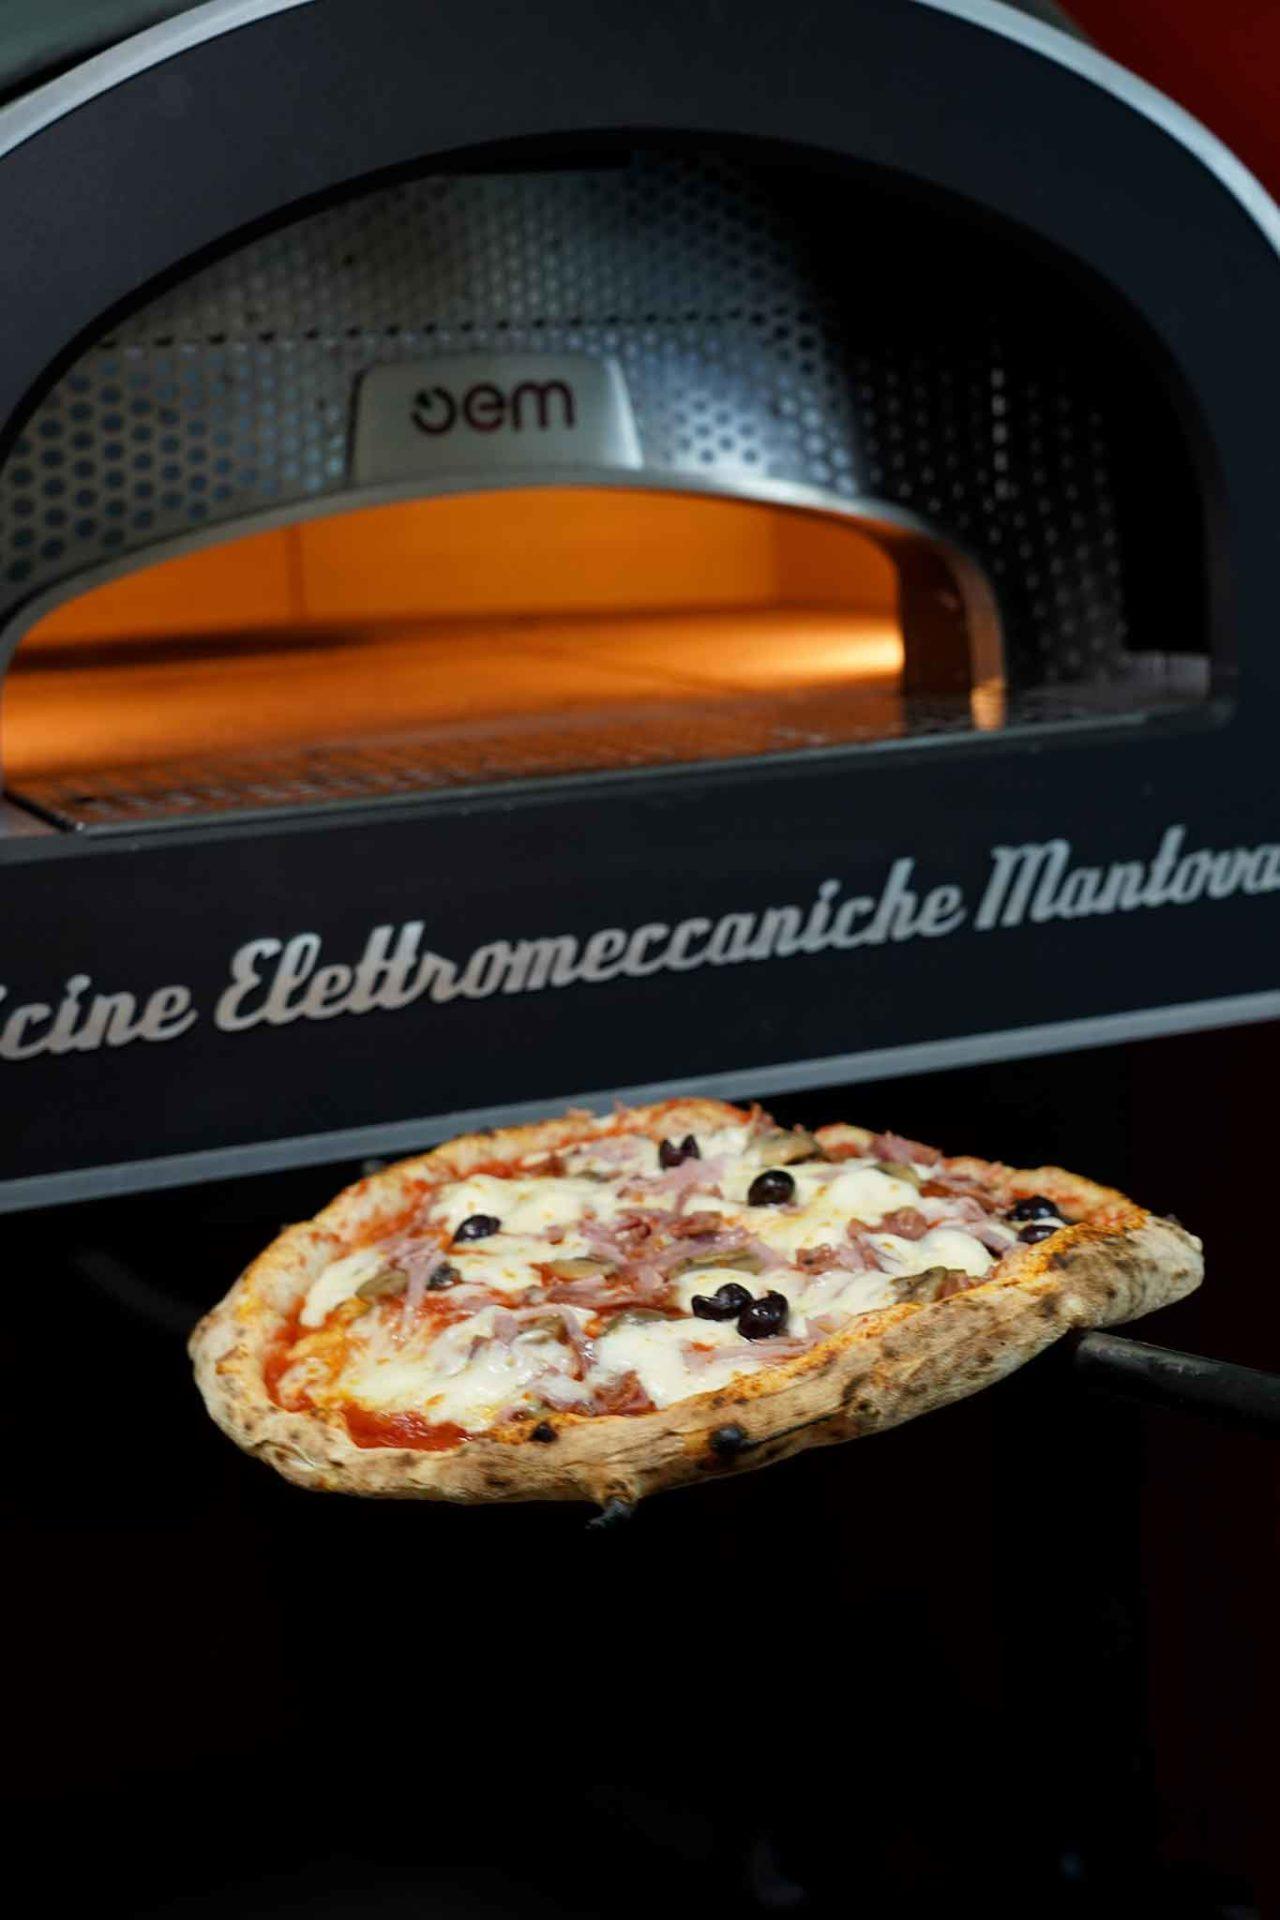 forno elettrico Officine Elettromeccaniche Mantovane Dome pizza capricciosa